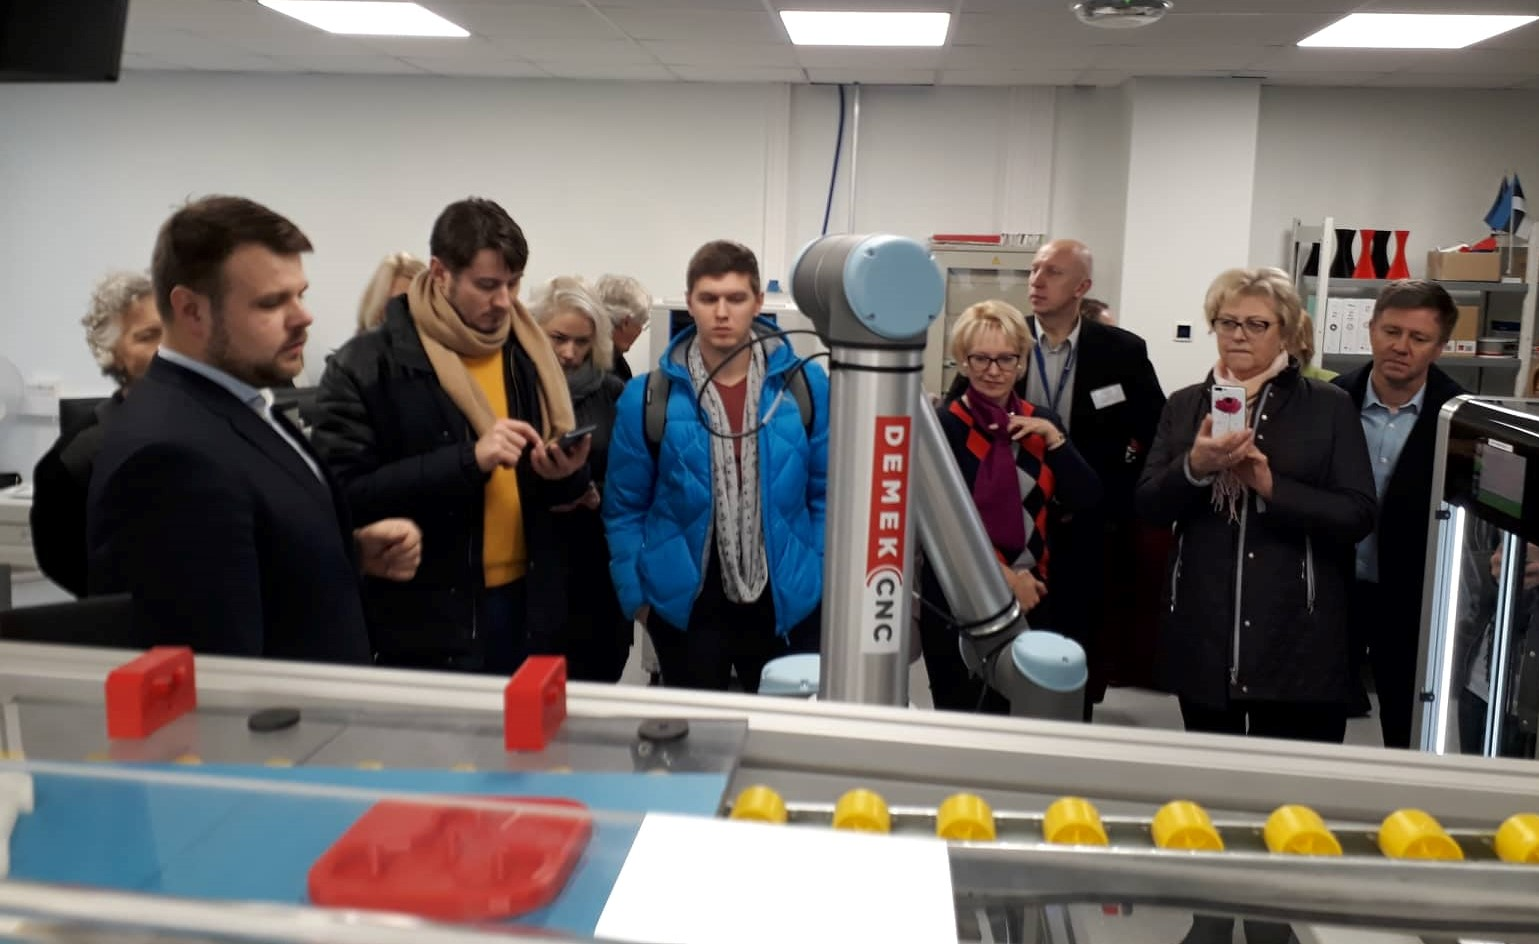 Projekt 4Change partnerid tutvust tegemas Tallinna Tehnikakõrgkooli INDUSTRY 4.0 laboriga. Foto: erakogu